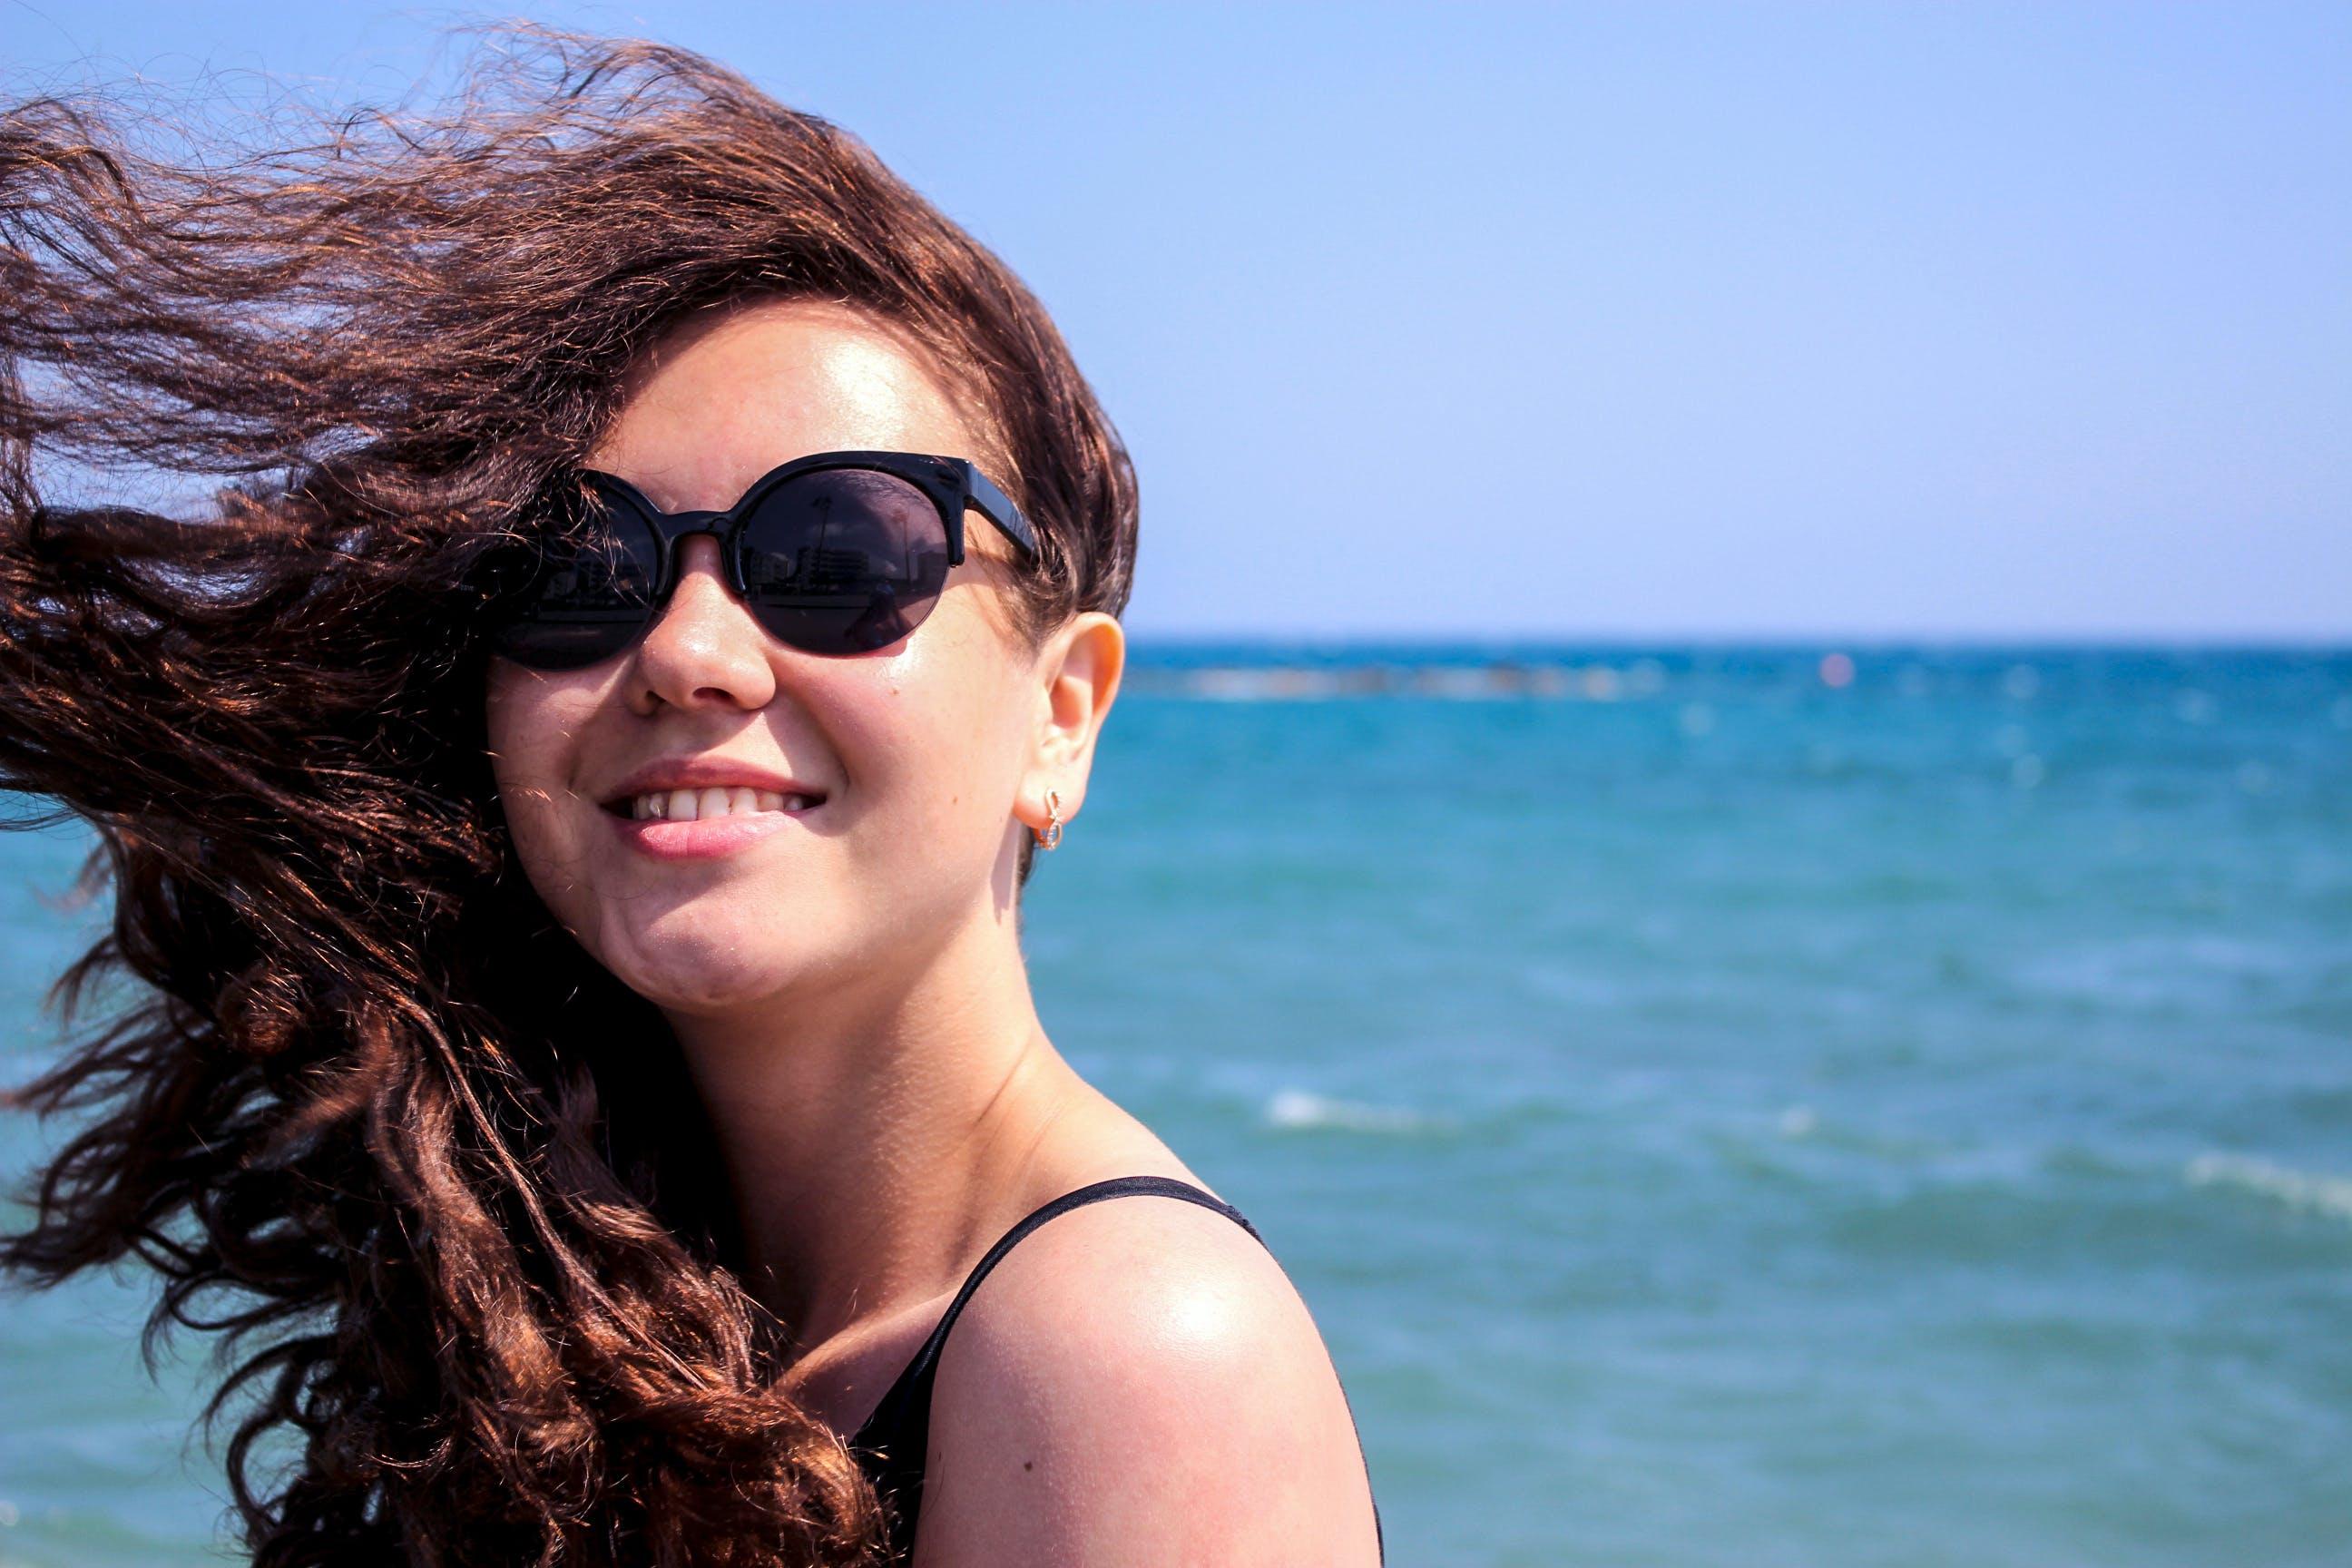 레저, 머리, 모델, 미소의 무료 스톡 사진